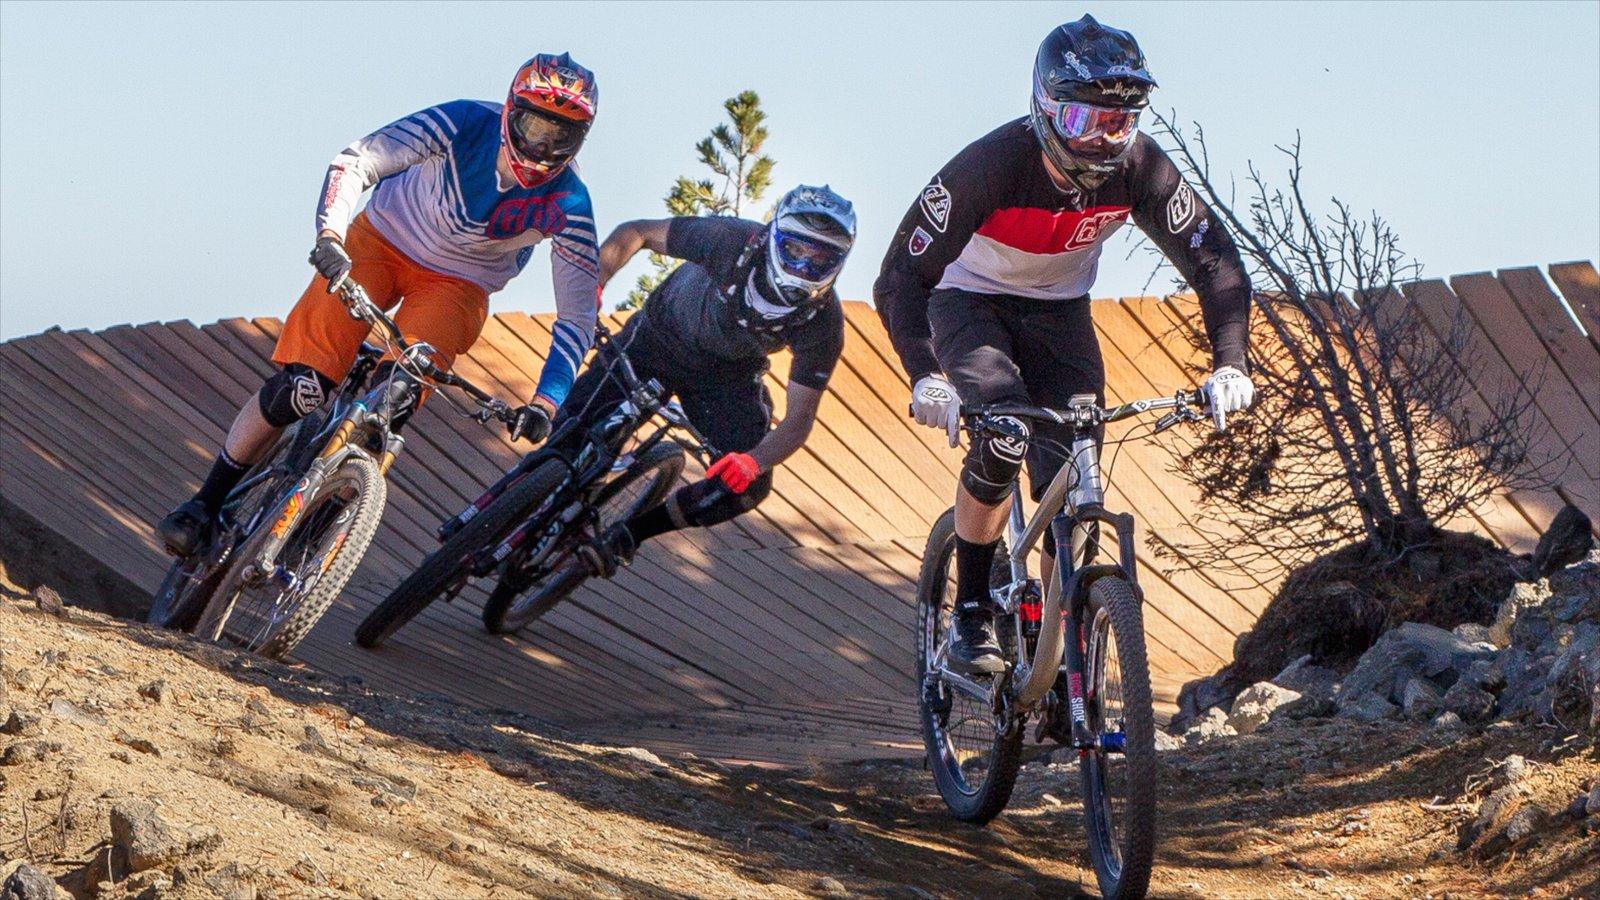 Mt Bachelor Ski Resort que incluye ciclismo de montaña y un evento deportivo